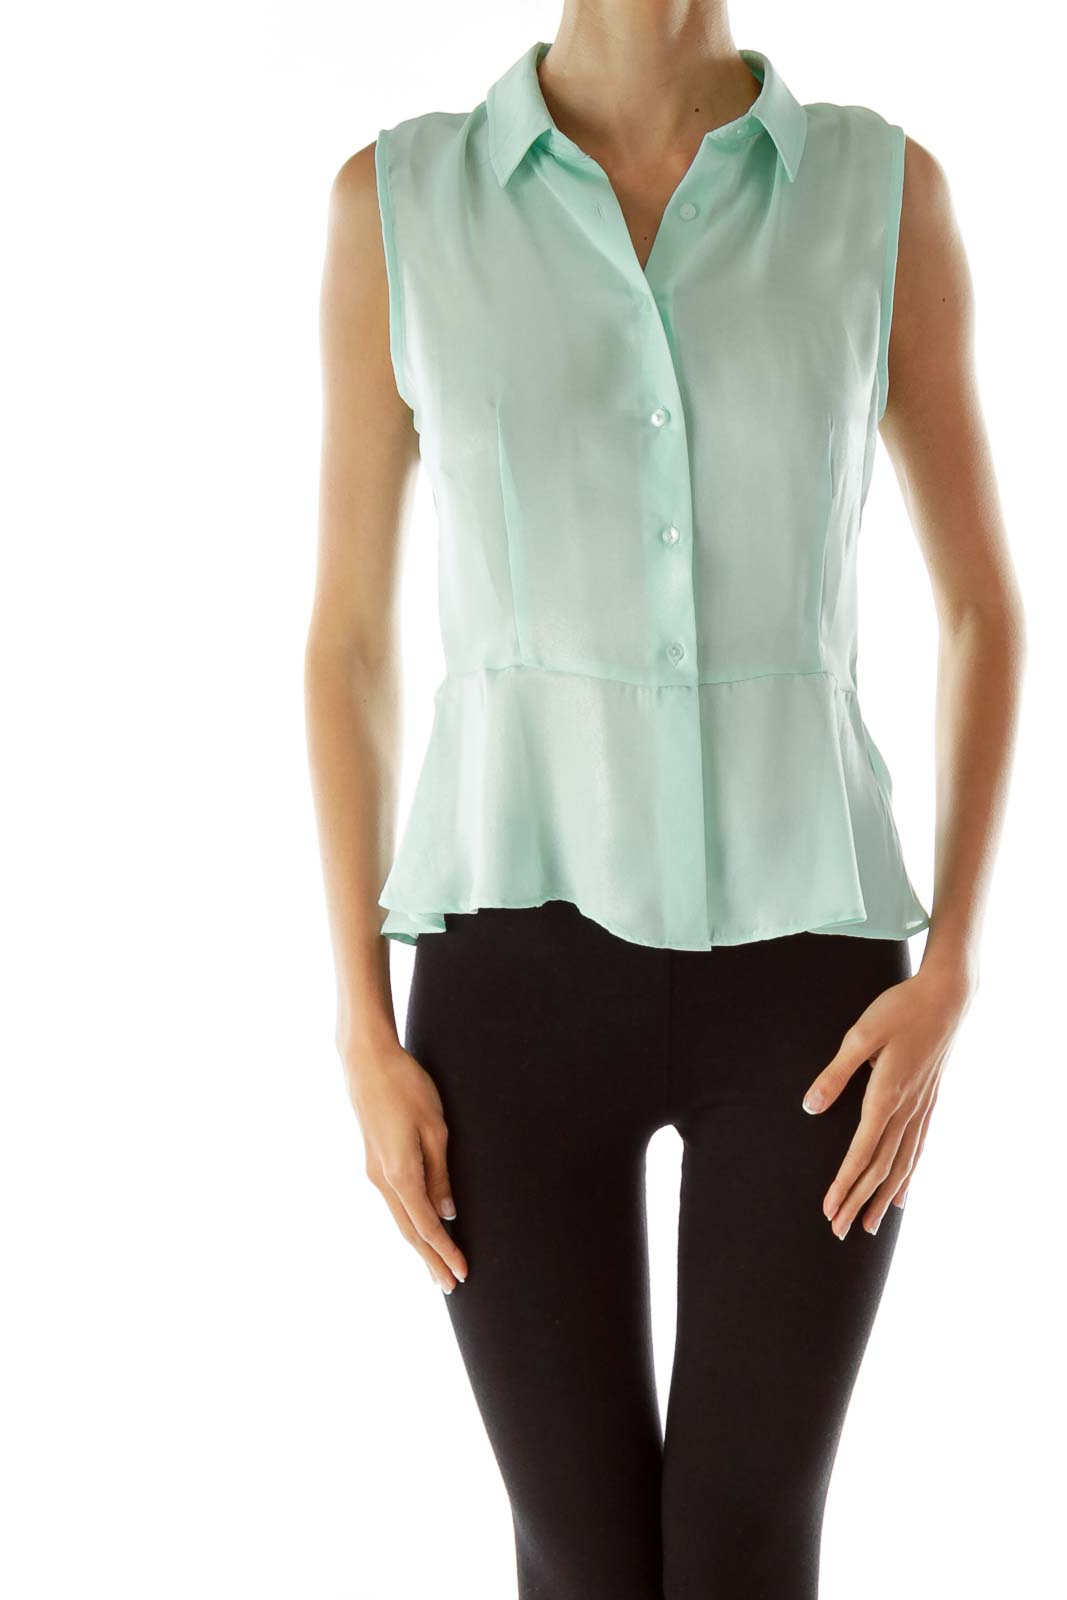 Mint Green Shimmer Sleeveless Blouse